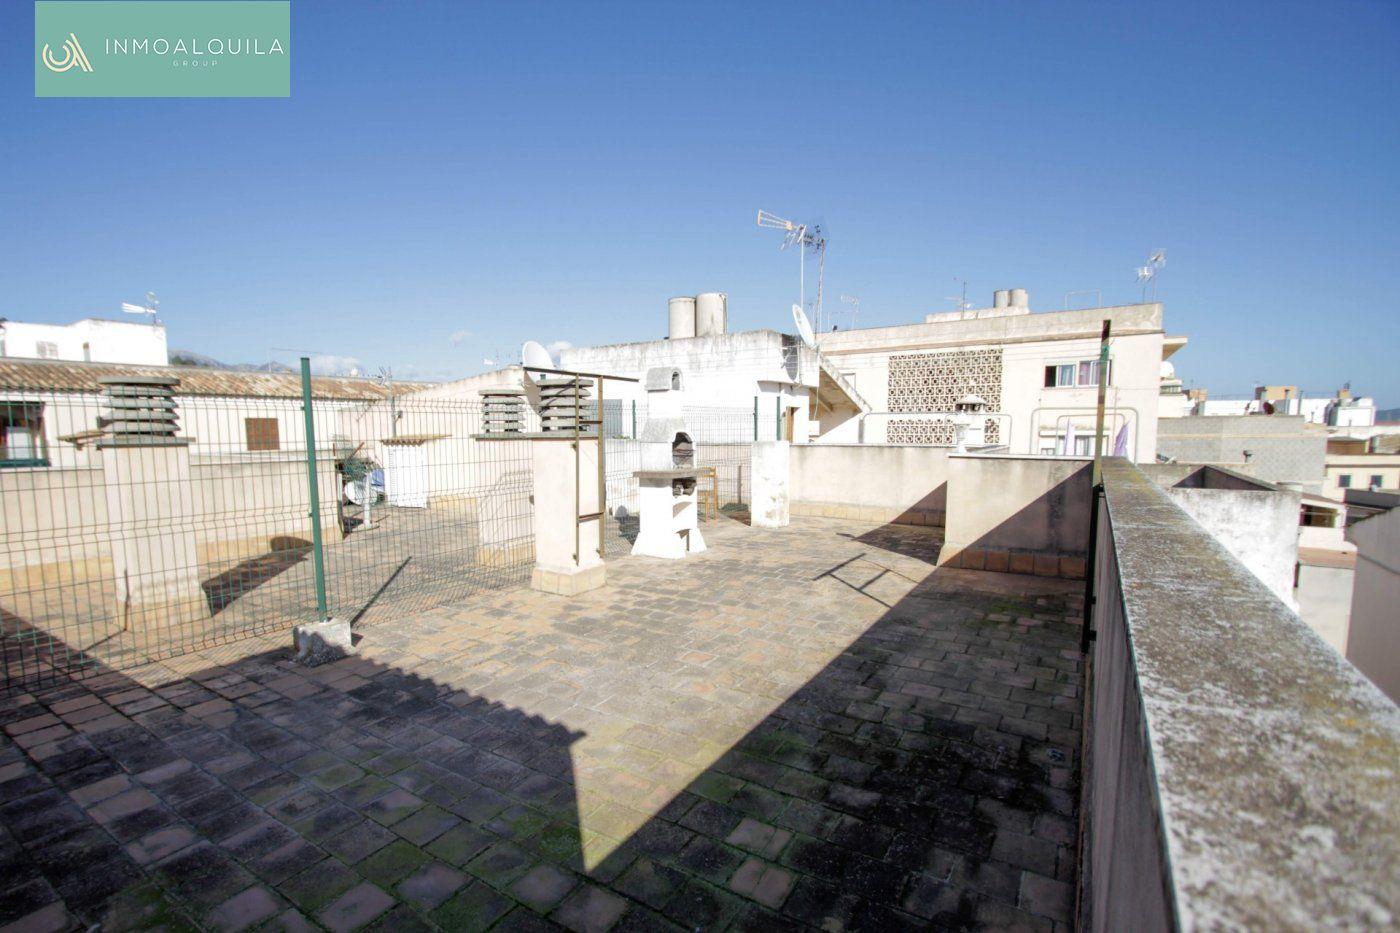 Pis  Lloseta ,pueblo. Segundo piso en lloseta con terraza privada, parking y trastero